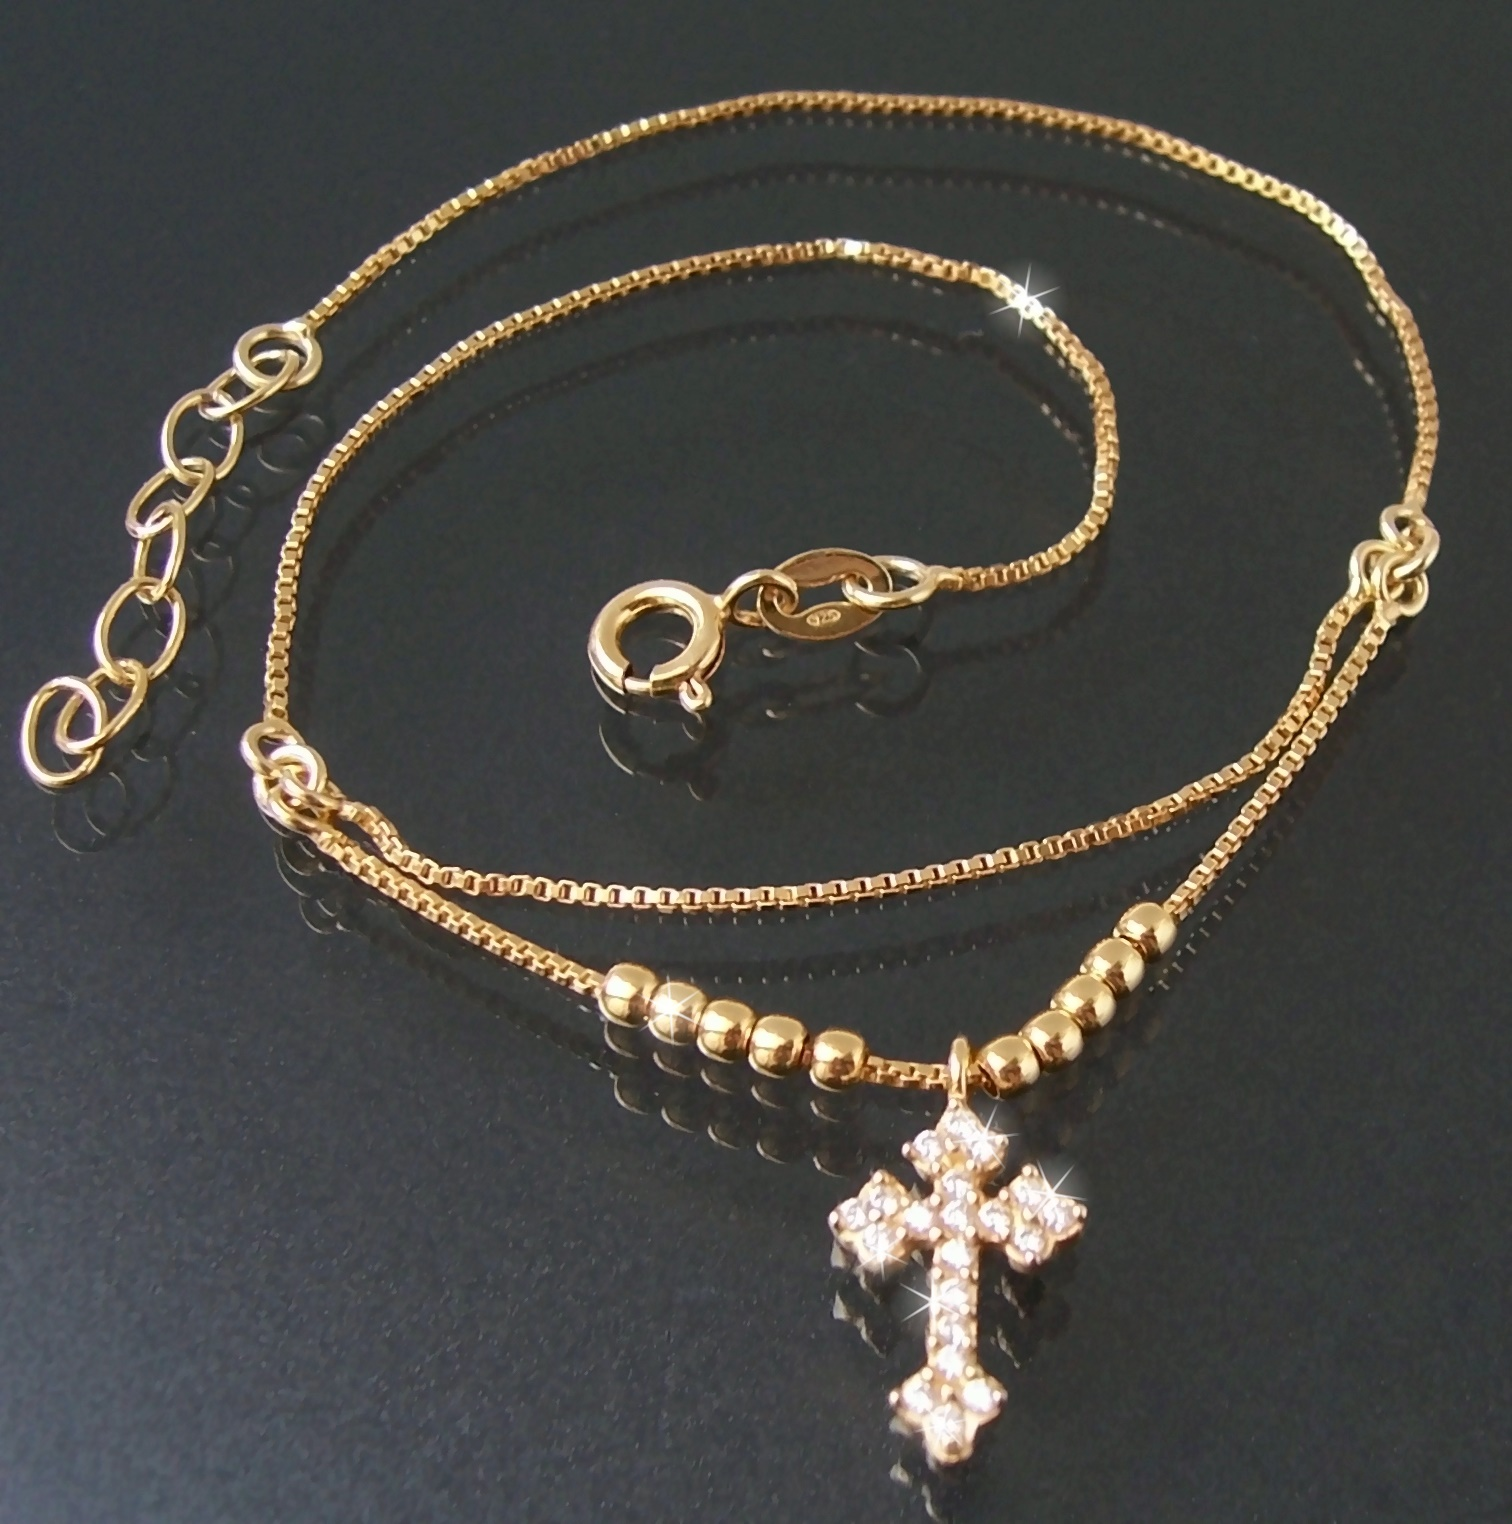 Fußkette Fußschmuck 925 Silber Gold 24-27cm Kreuz Zirkonia 23112G-27